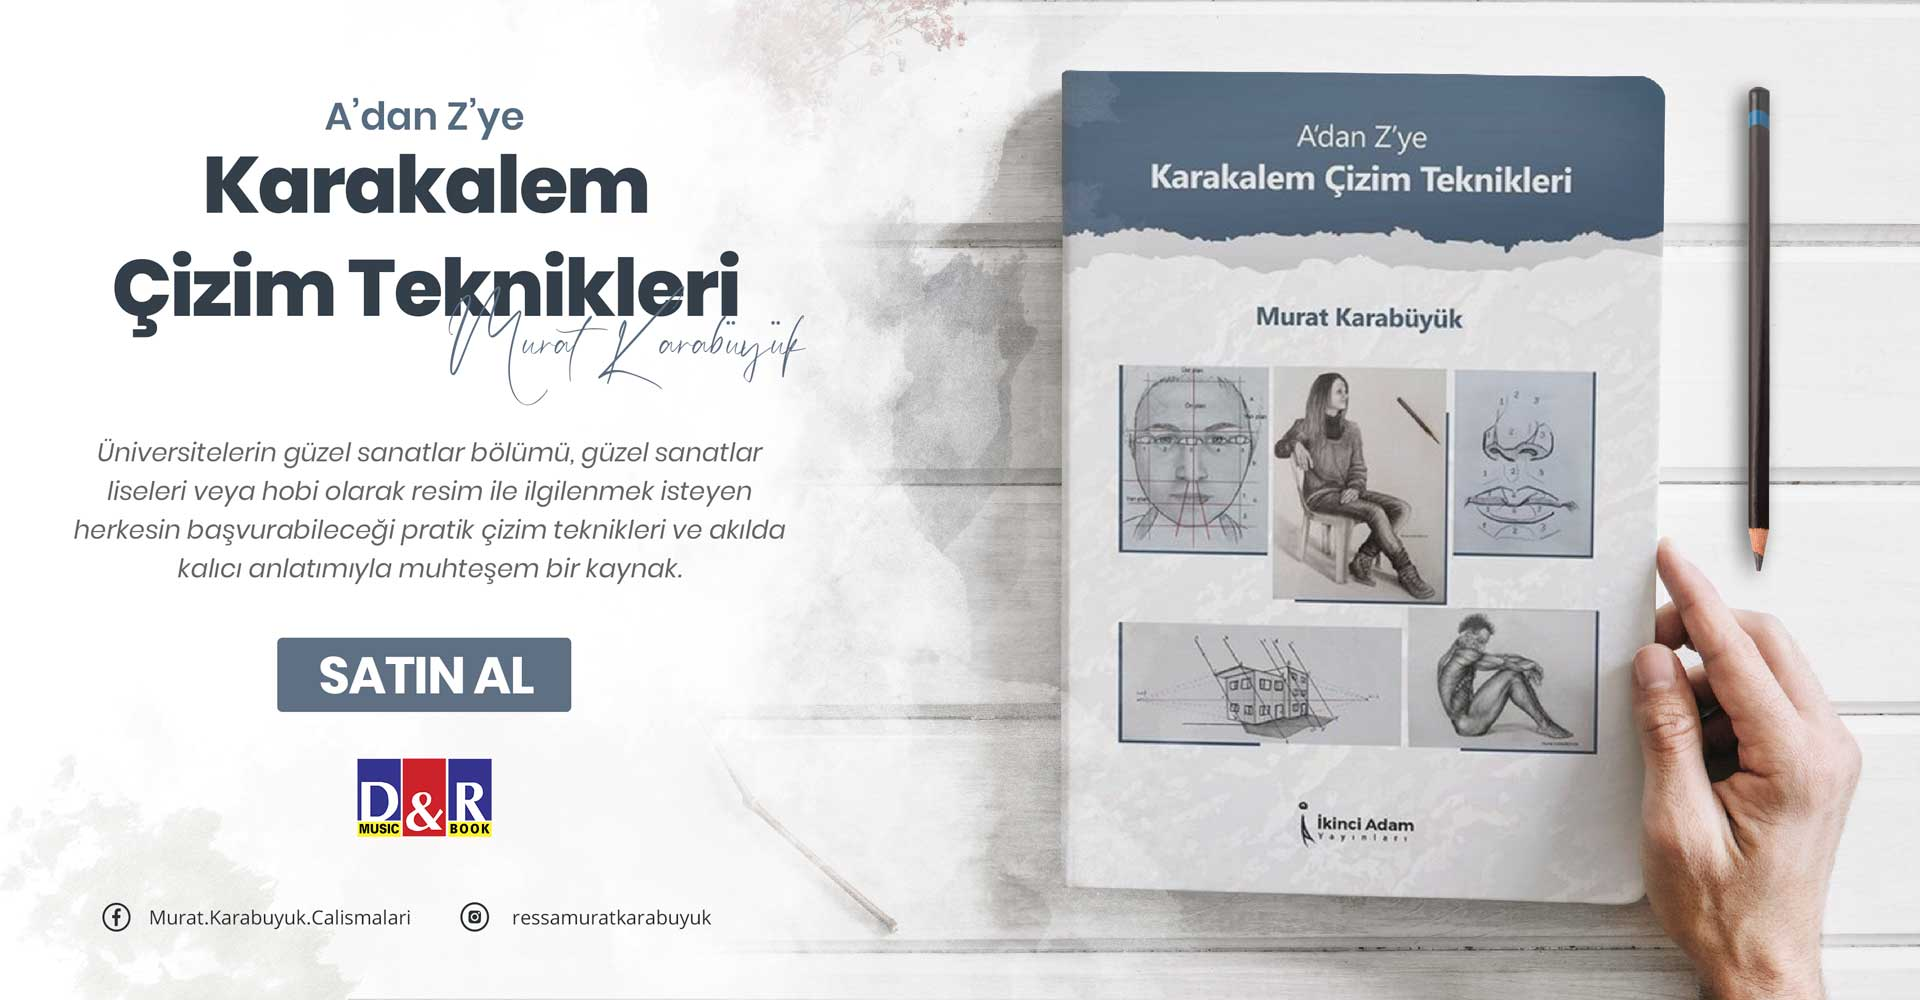 Ressam Murat Karabüyük - A'dan Z'ye Karakalem Çizim Teknikleri - Yeni Kitap Tanıtımı